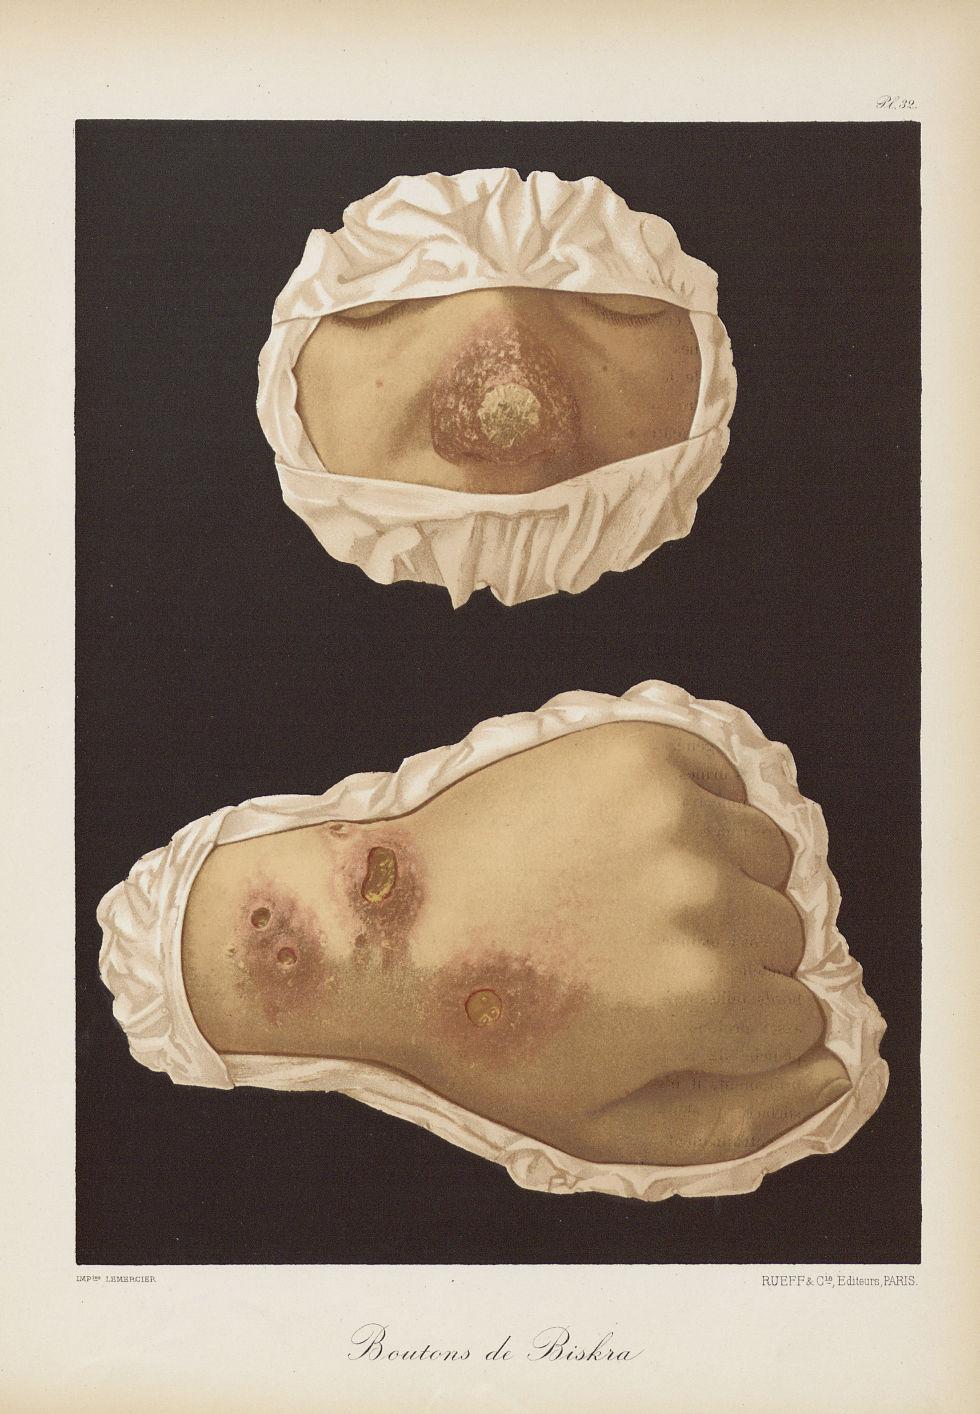 Boutons de Biskra - Le musée de l'hôpital Saint-Louis : iconographie des maladies cutanées et syphil [...] - Dermatologie (peau). Visages (têtes). Mains. 19e siècle (France) - med01740x0252